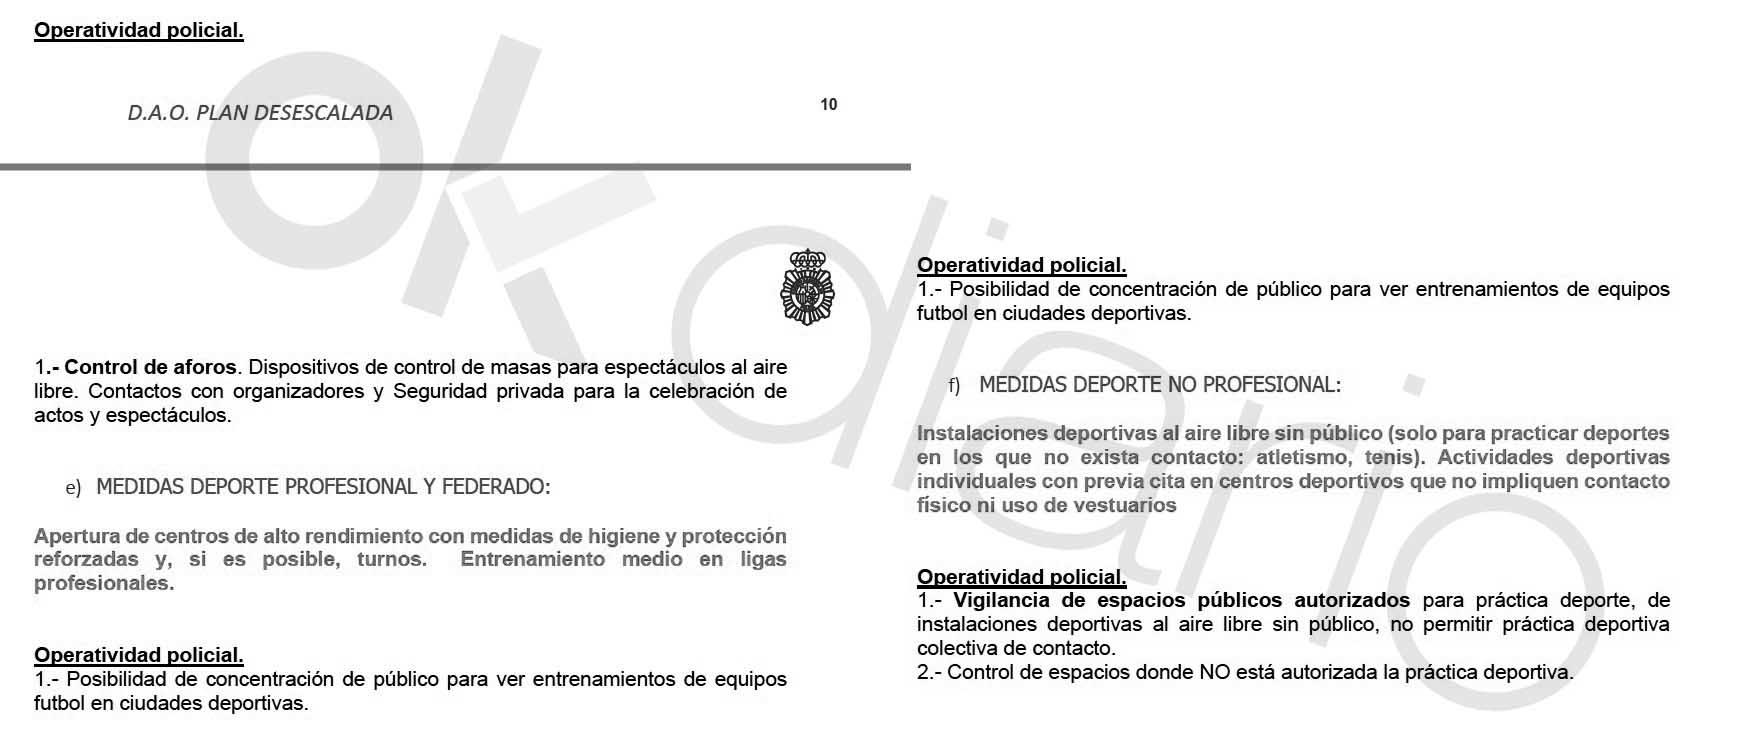 Marlaska ordena un «control» extra de las calles para evitar protestas contra Sánchez en la hora del deporte